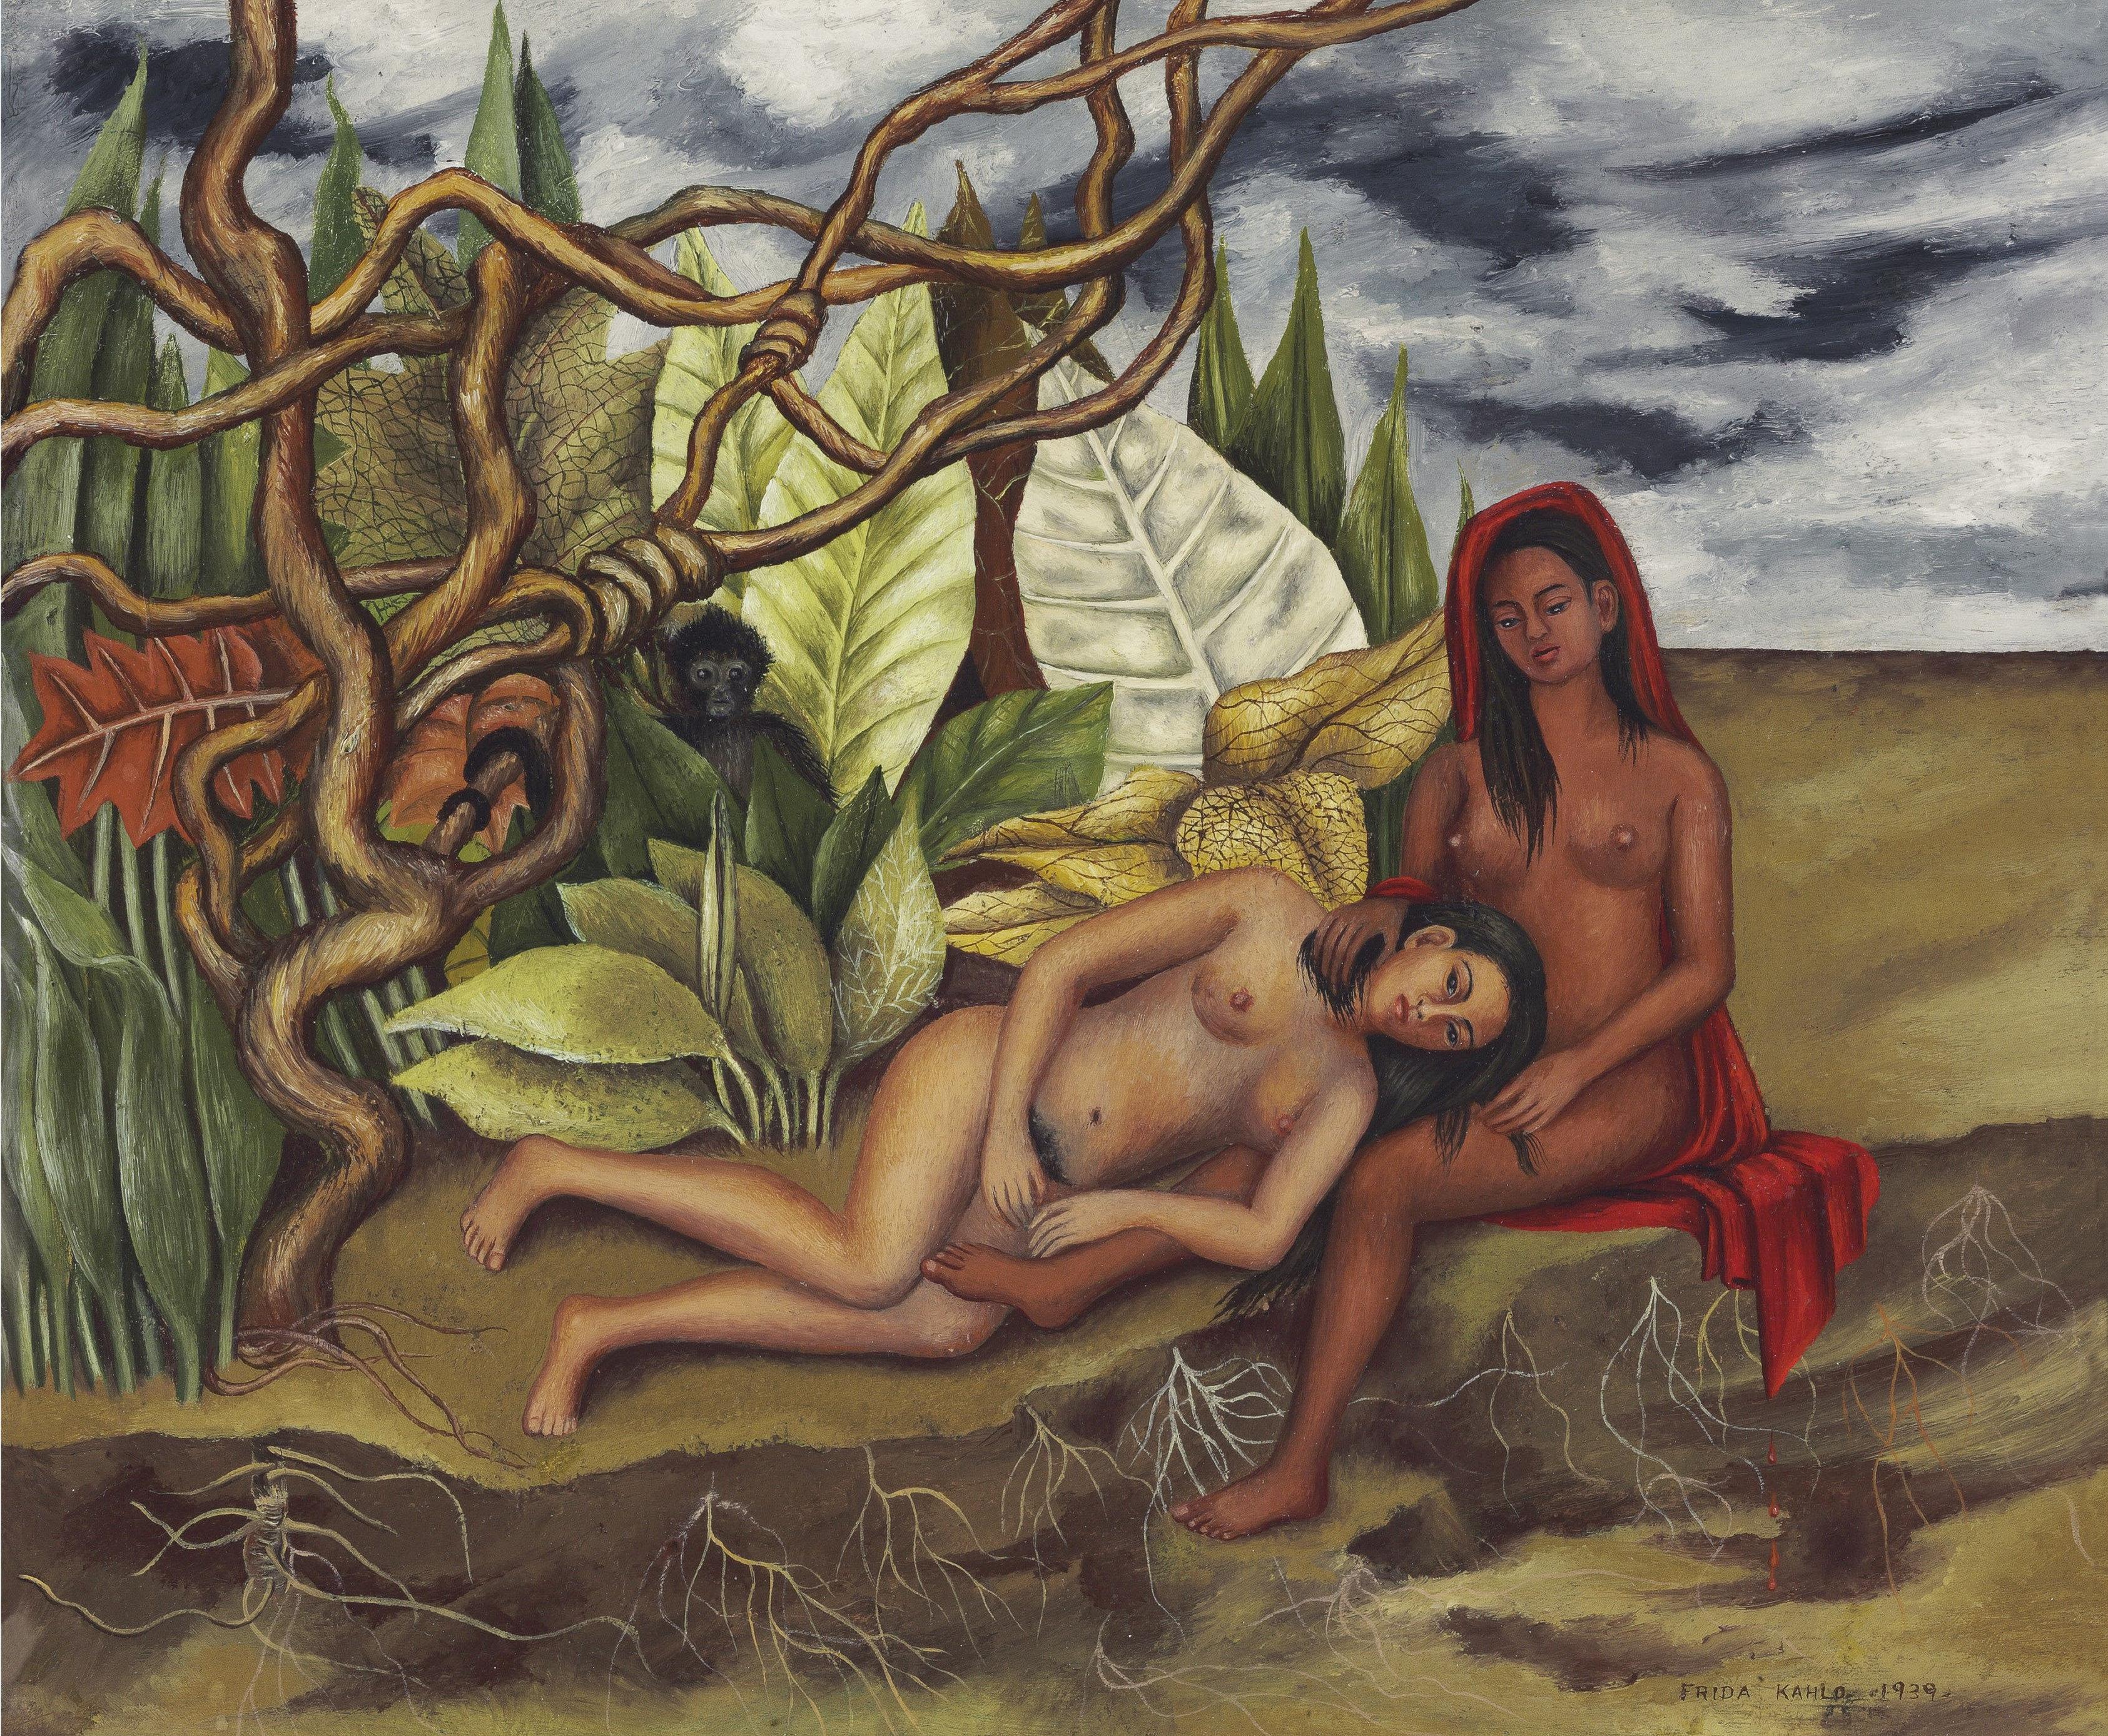 La obra de frida Kahlo Dos desnudos en el bosque (La tierra misma)